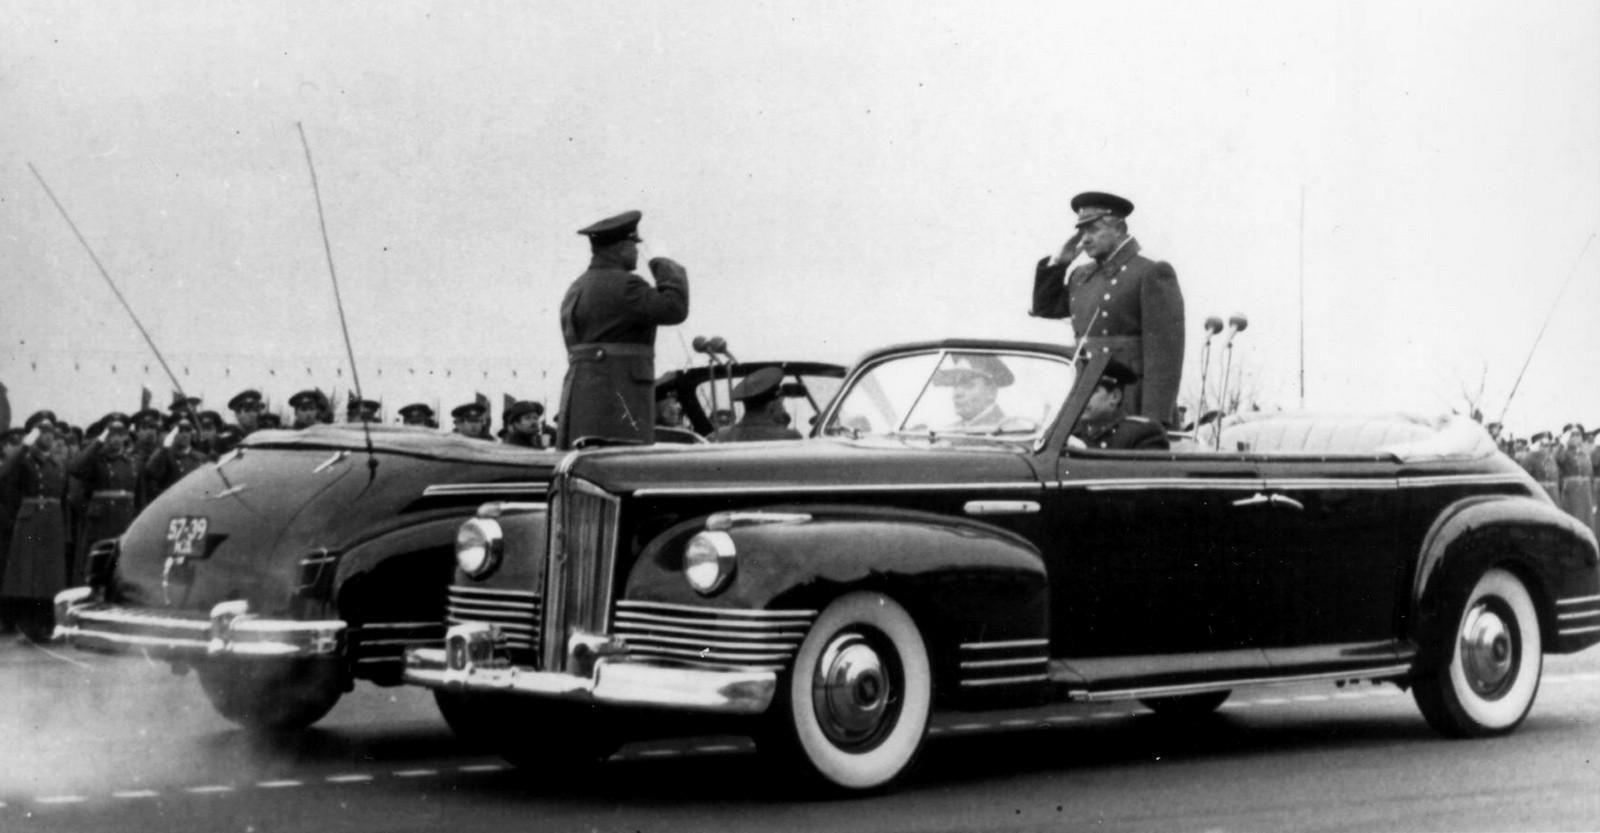 Командующий парадом докладывает принимающему парад о готовности войск к военной церемонии (из архива В. Мазепы)